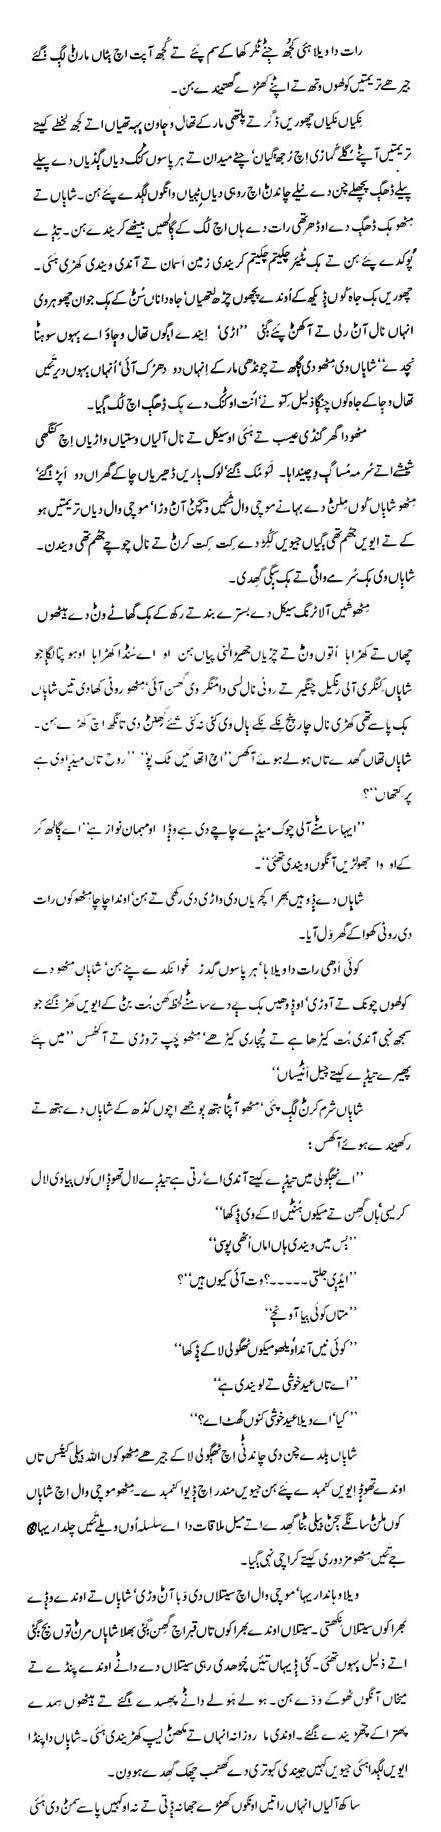 Seraiki Afsana Seetlan Day Dagh (Habib Mohana) Part-2